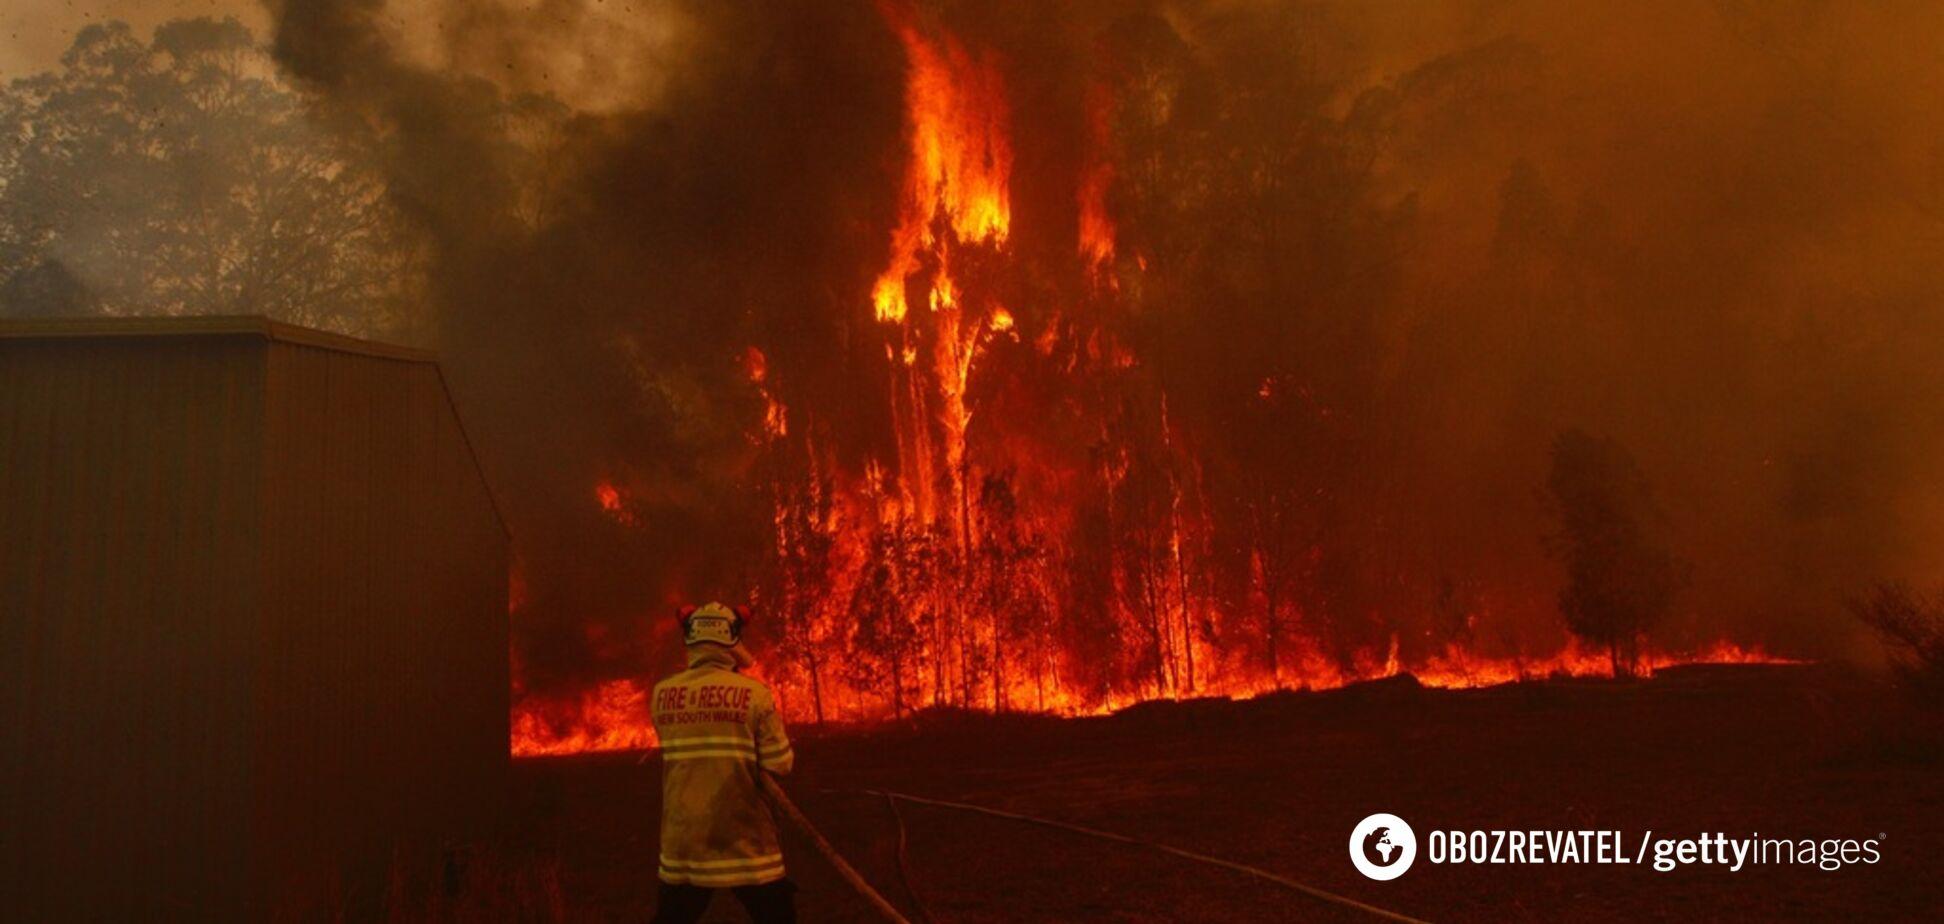 Вигорів мільярд гектарів: Австралію накрили страшні пожежі. Фото, відео